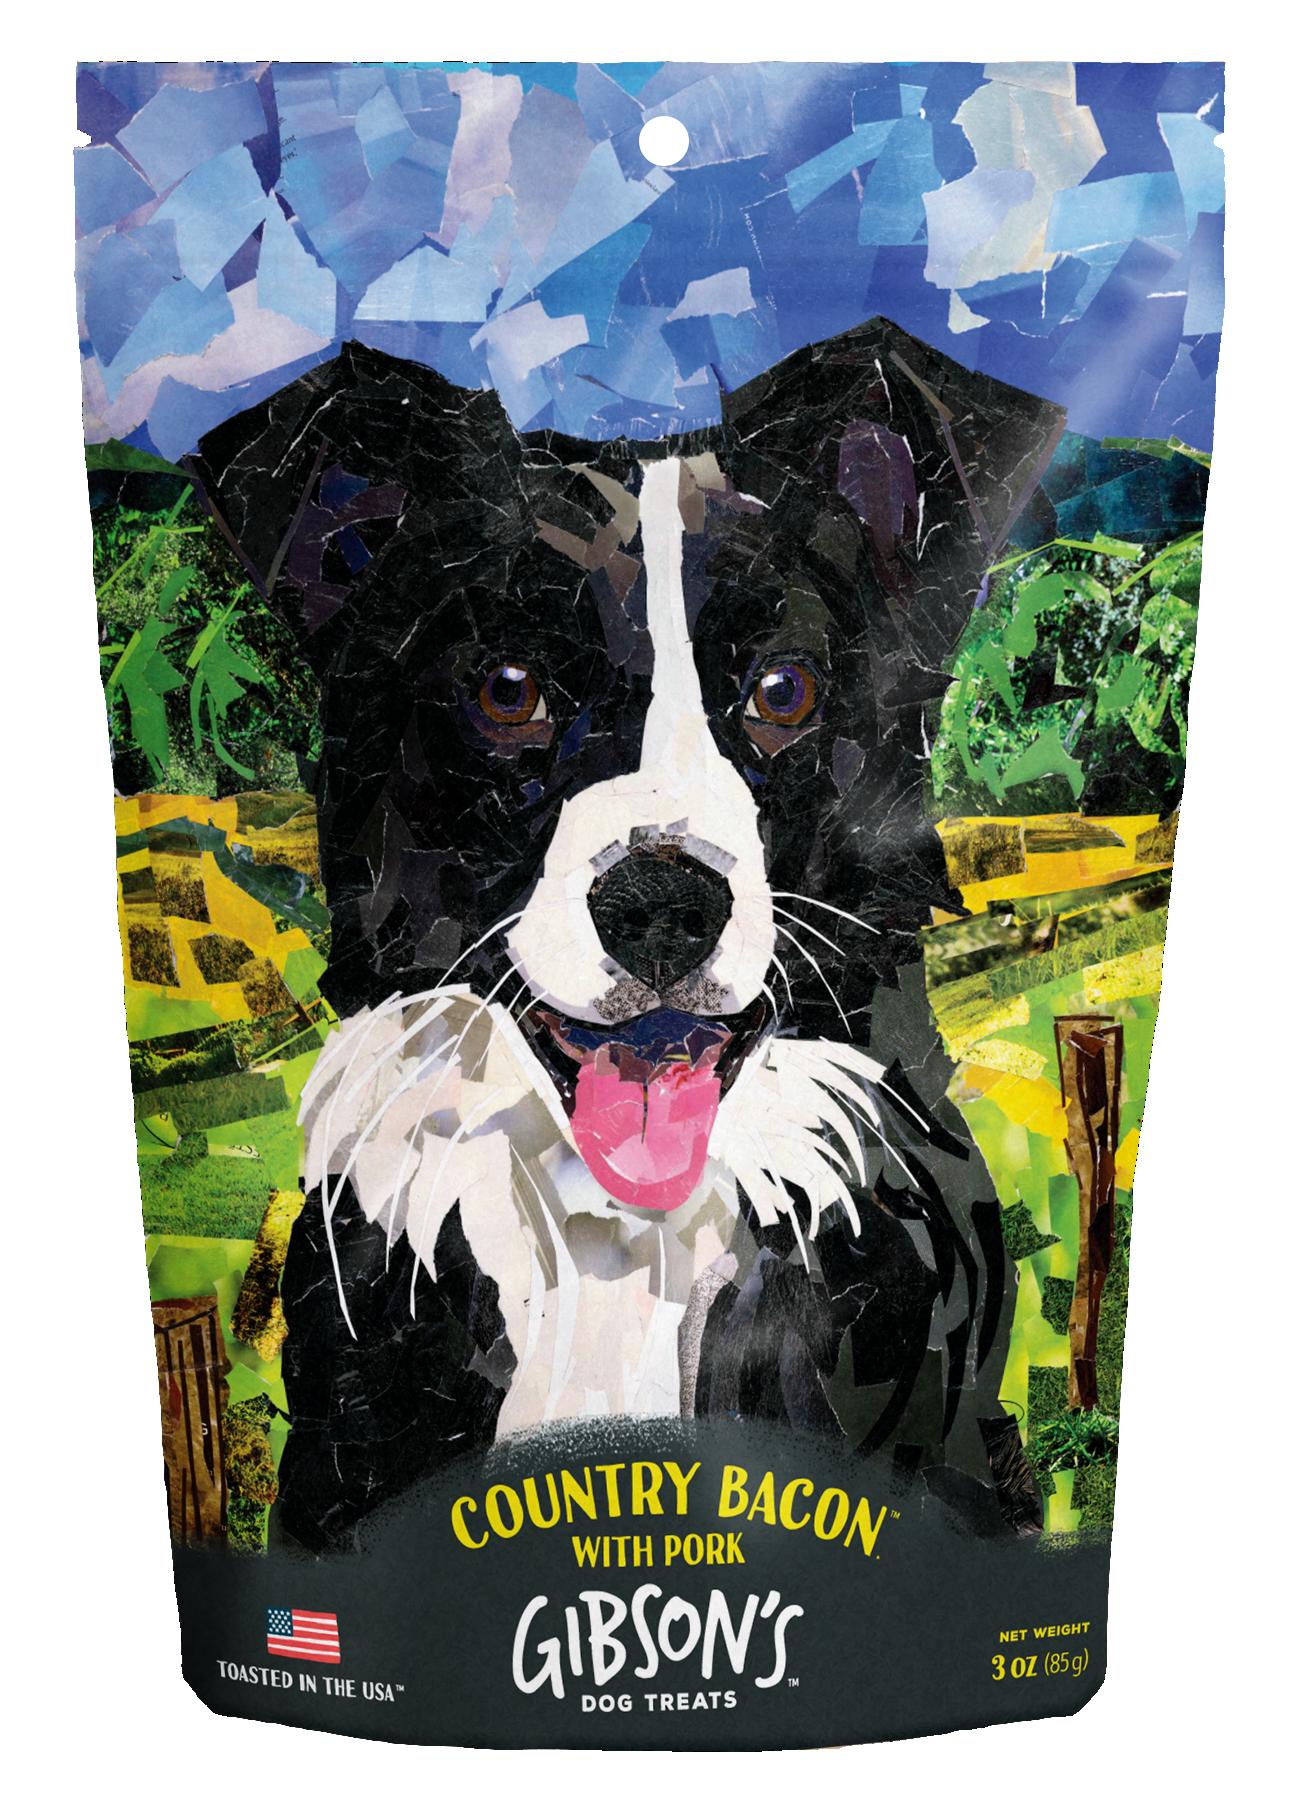 Wild Meadow Farms Gibson's Country Bacon with Pork Dog Treats, 3-oz